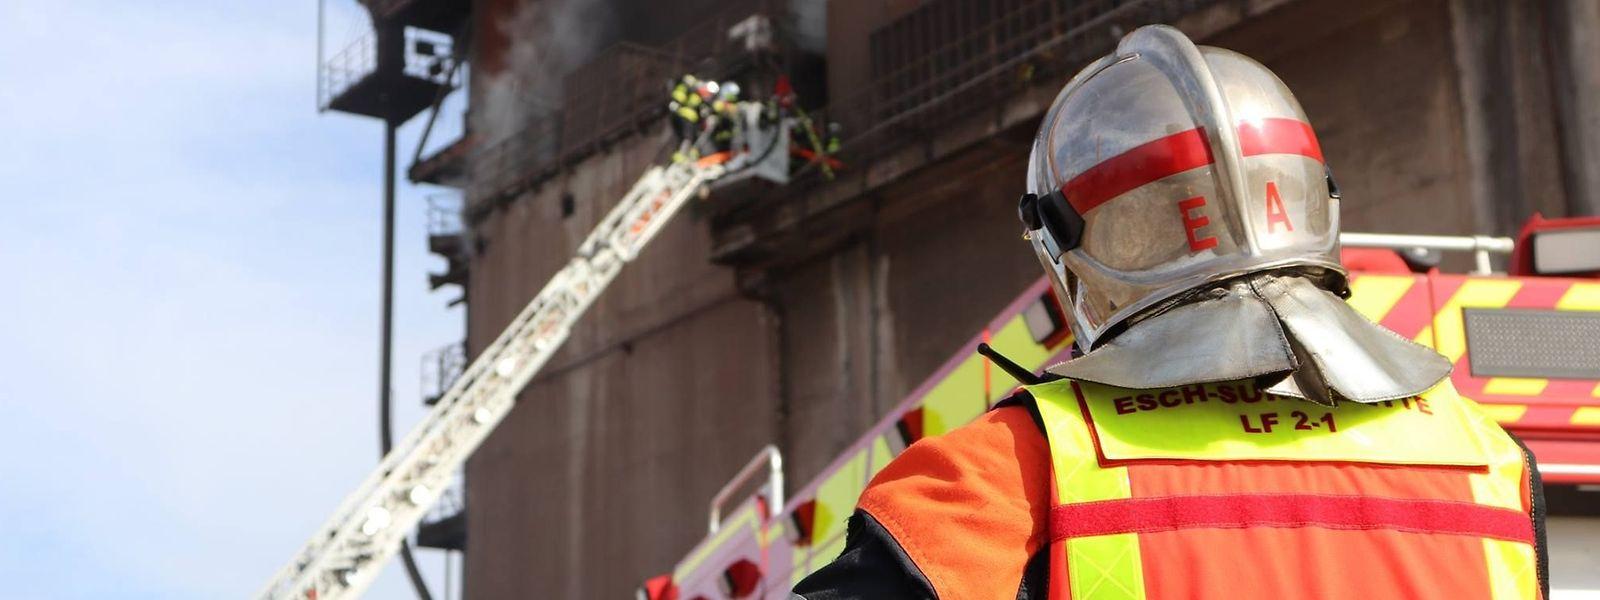 Insgesamt 80 Feuerwehrleute kämpften am vergangenen Dienstag gegen den Brand in einem Industriegebäude am ehemaligen Werksgelände Arbed-Schifflingen.